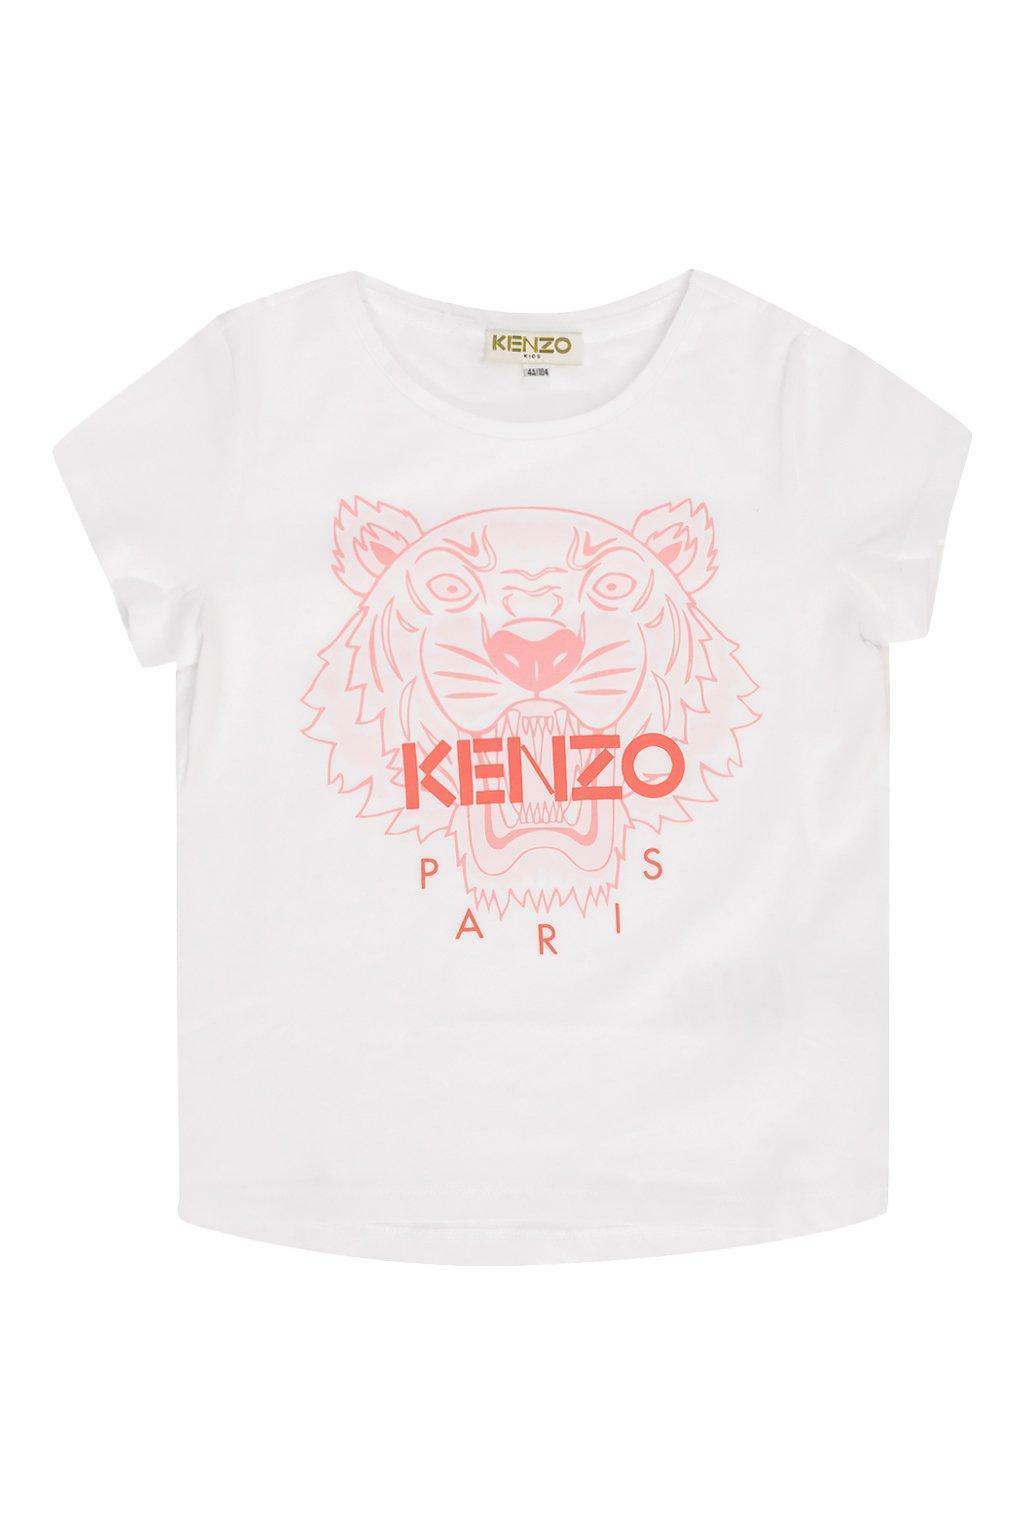 kenzo kenzo t-shirt bambina bianco rosa kq10258